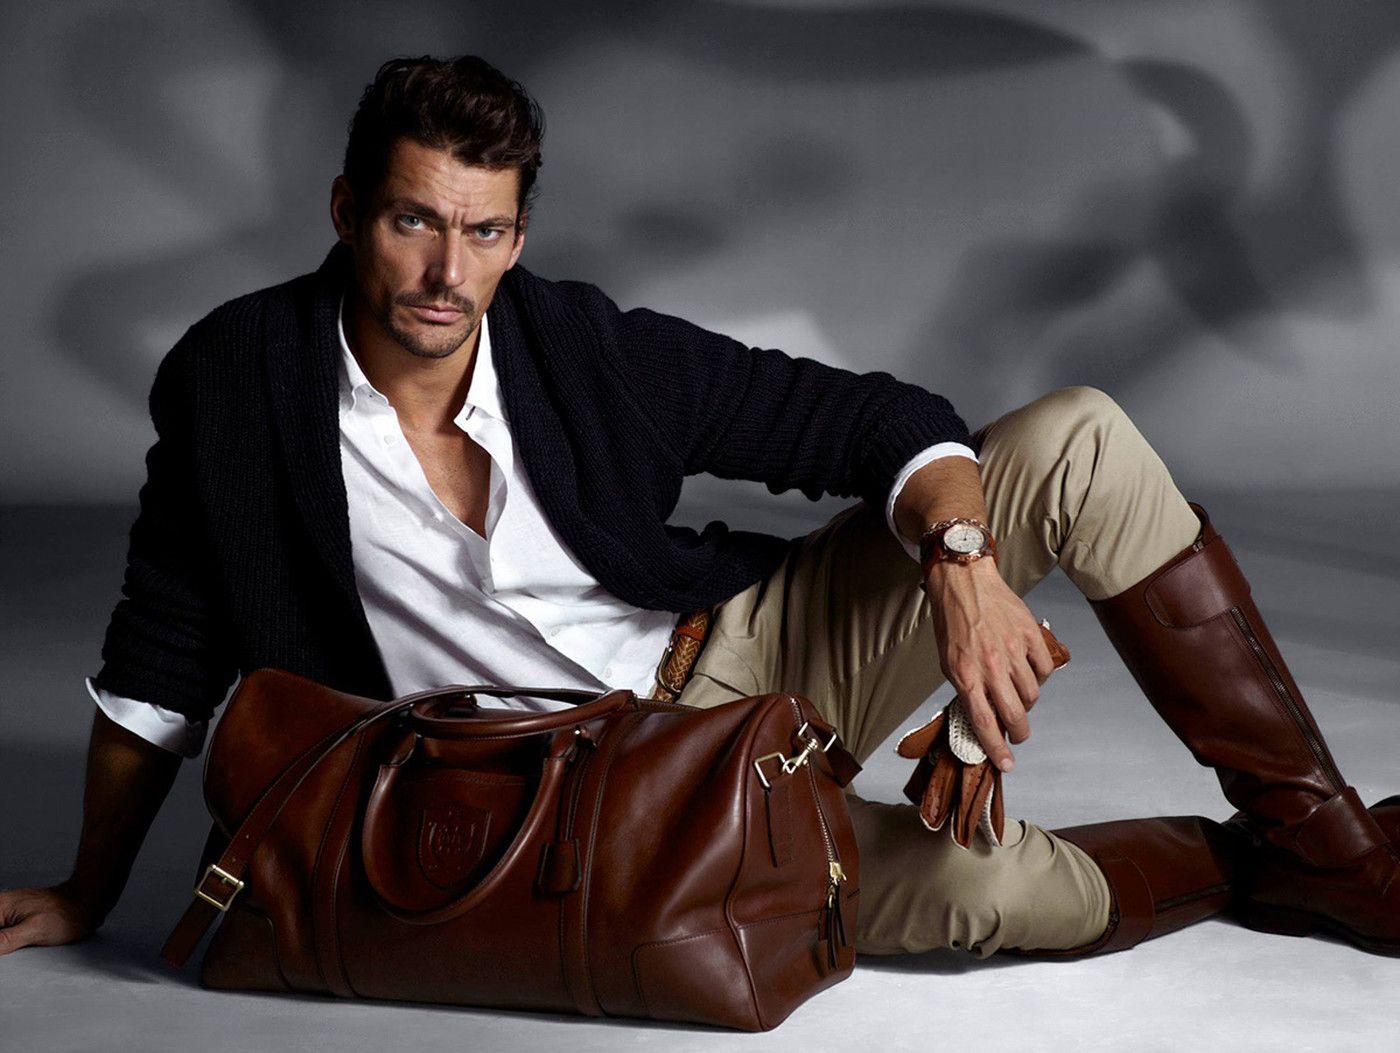 модные мужчины со всего мира фото многом